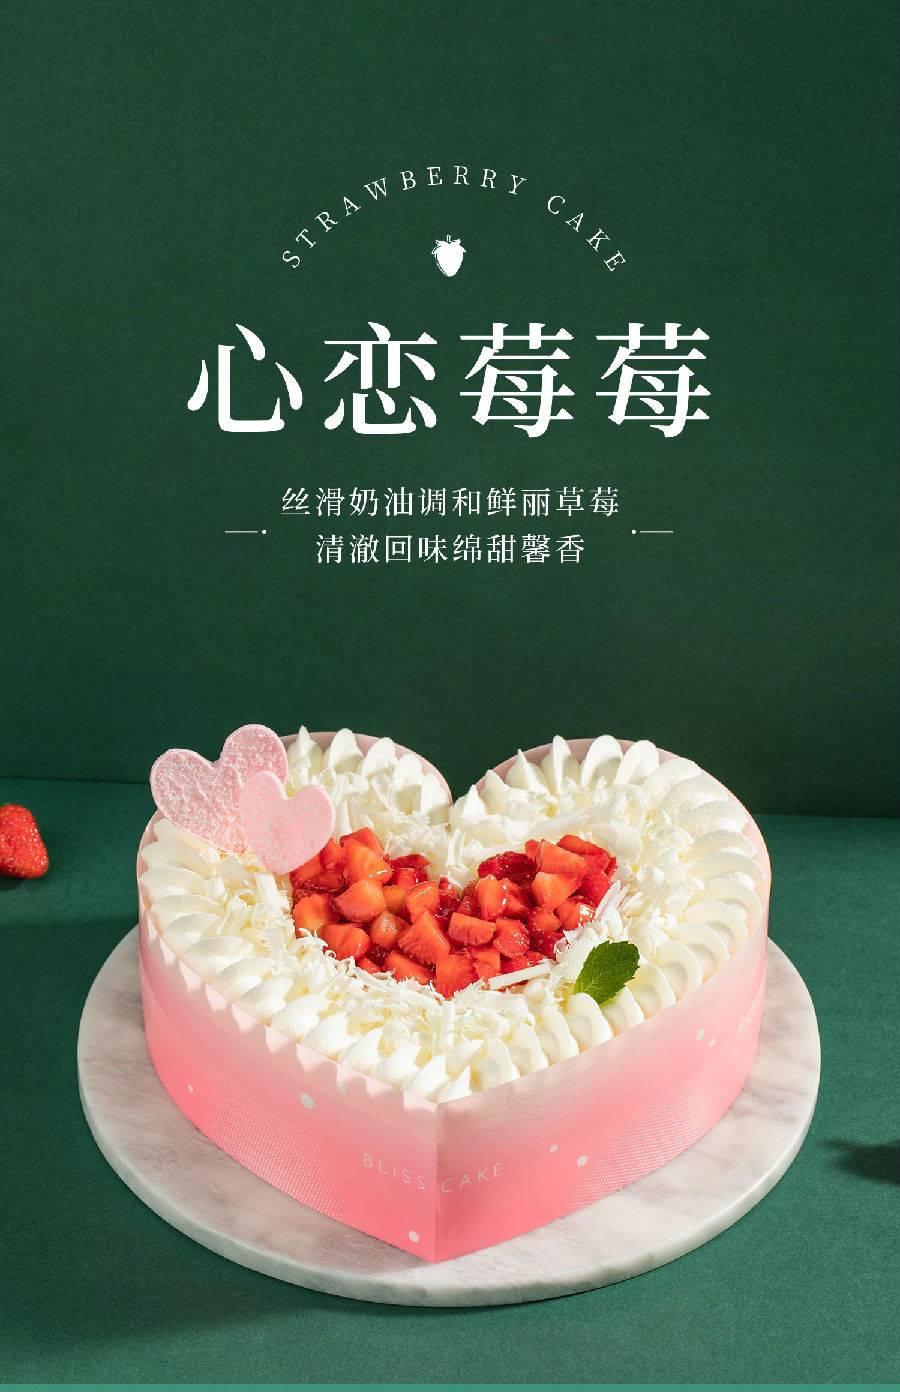 【全城配送·蛋糕】108元抢248元『幸福西饼』2磅生日蛋糕2选1套餐!新鲜现做,深圳全城冷链免费配送!